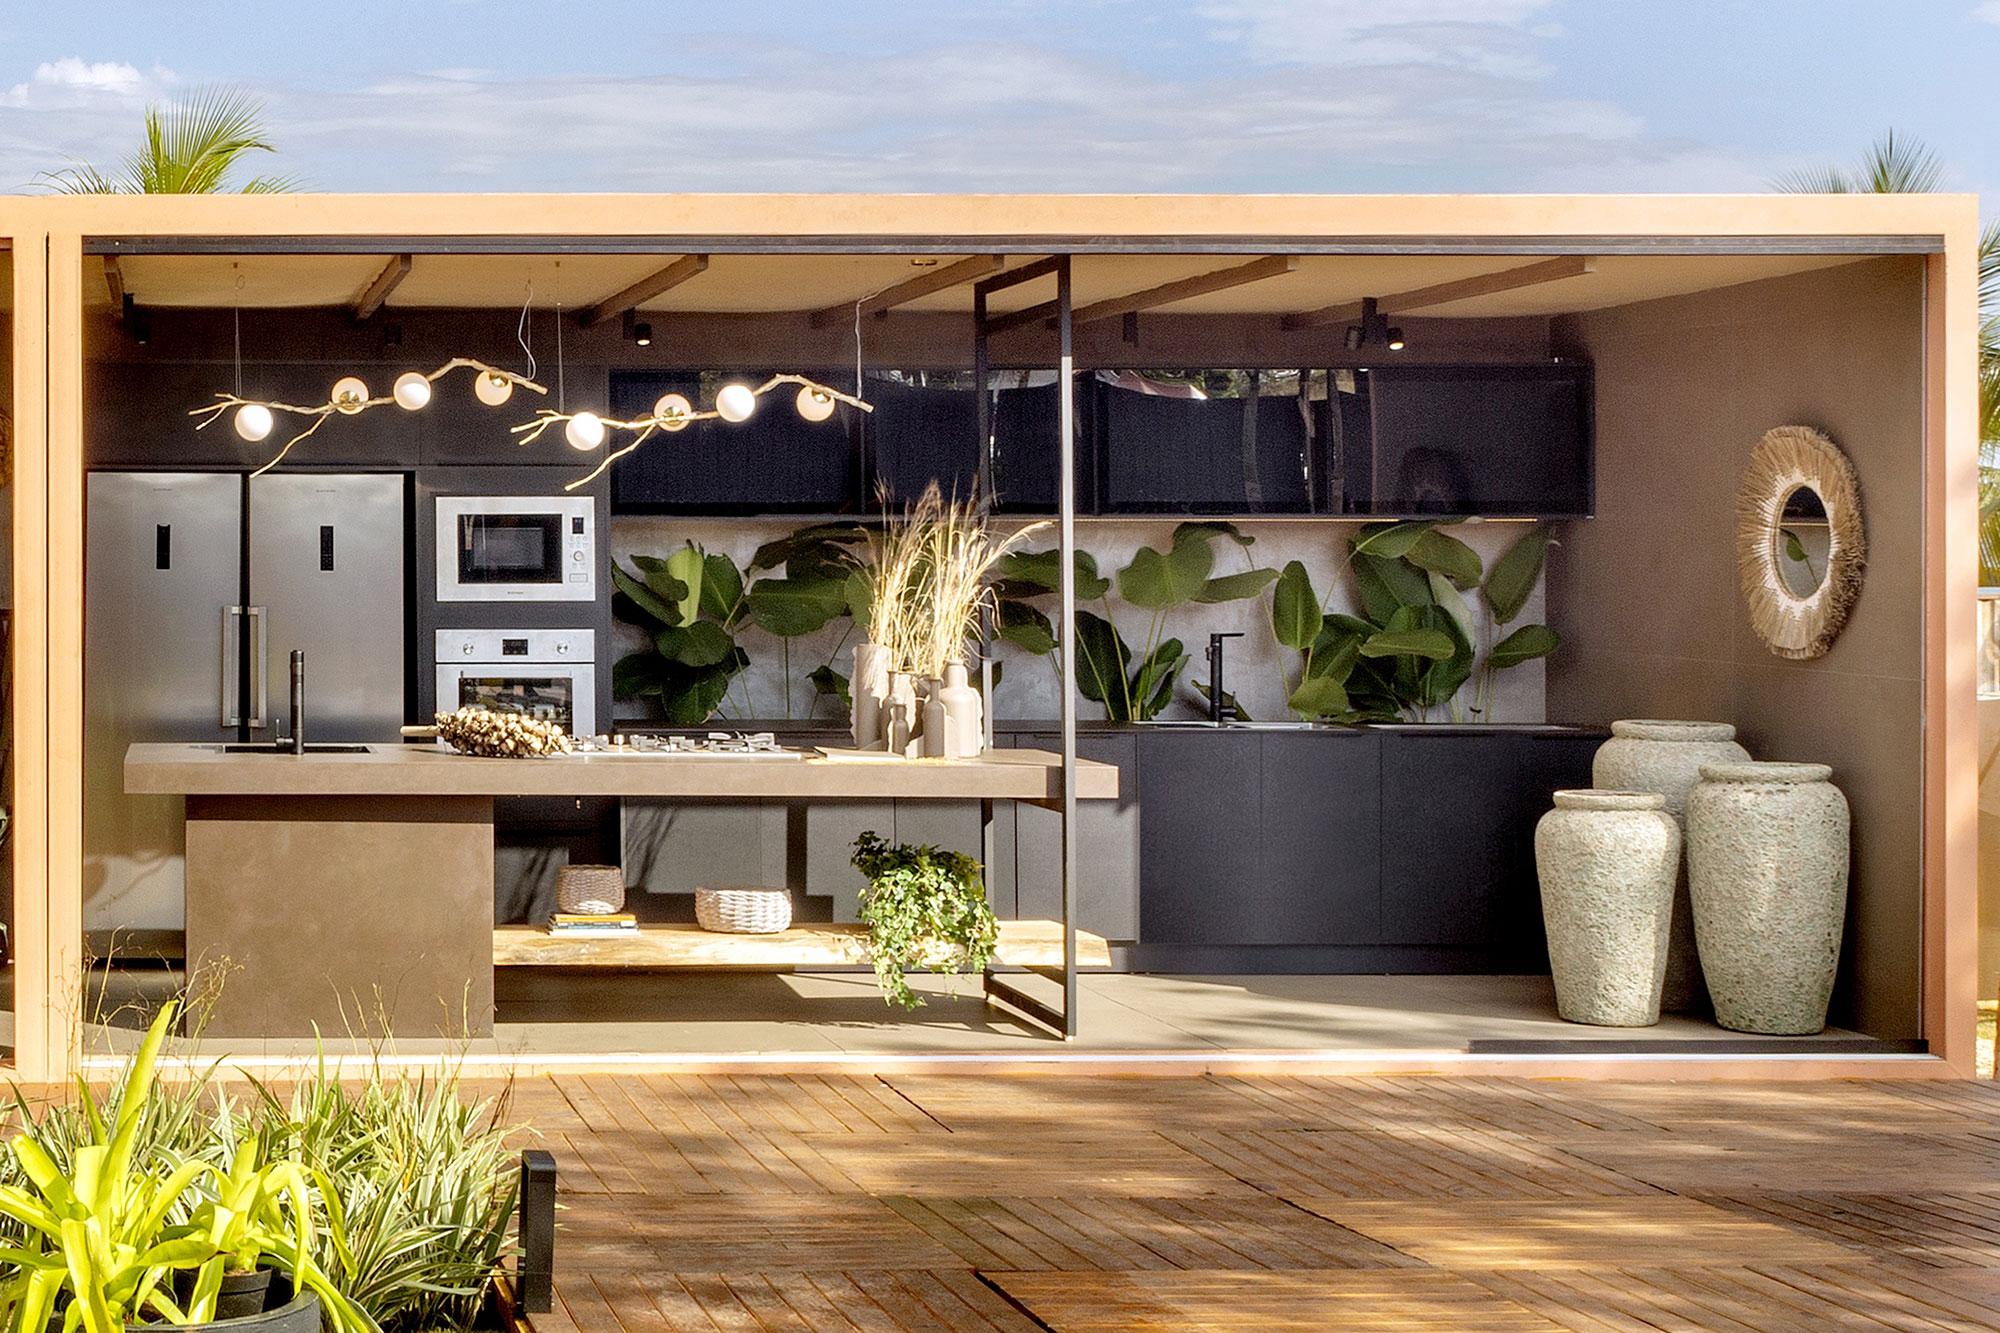 brava arquitetura janelas casacor tocantins cozinha sebrae